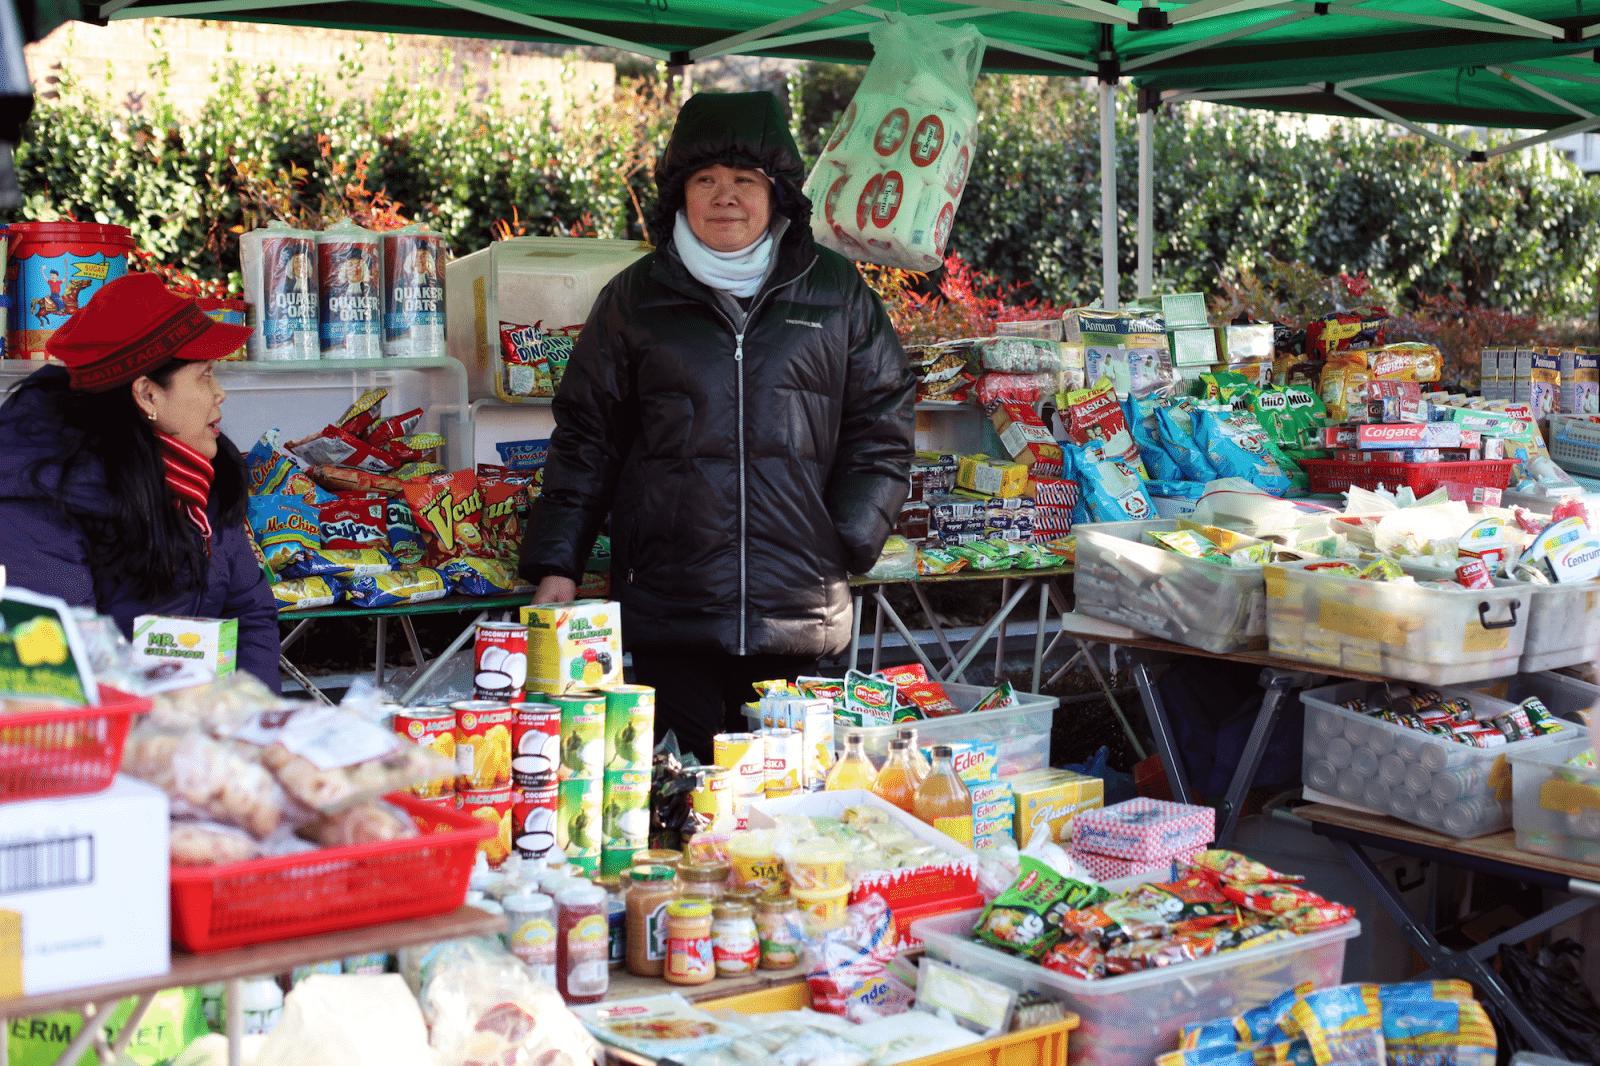 filipino market in seoul vendor stall